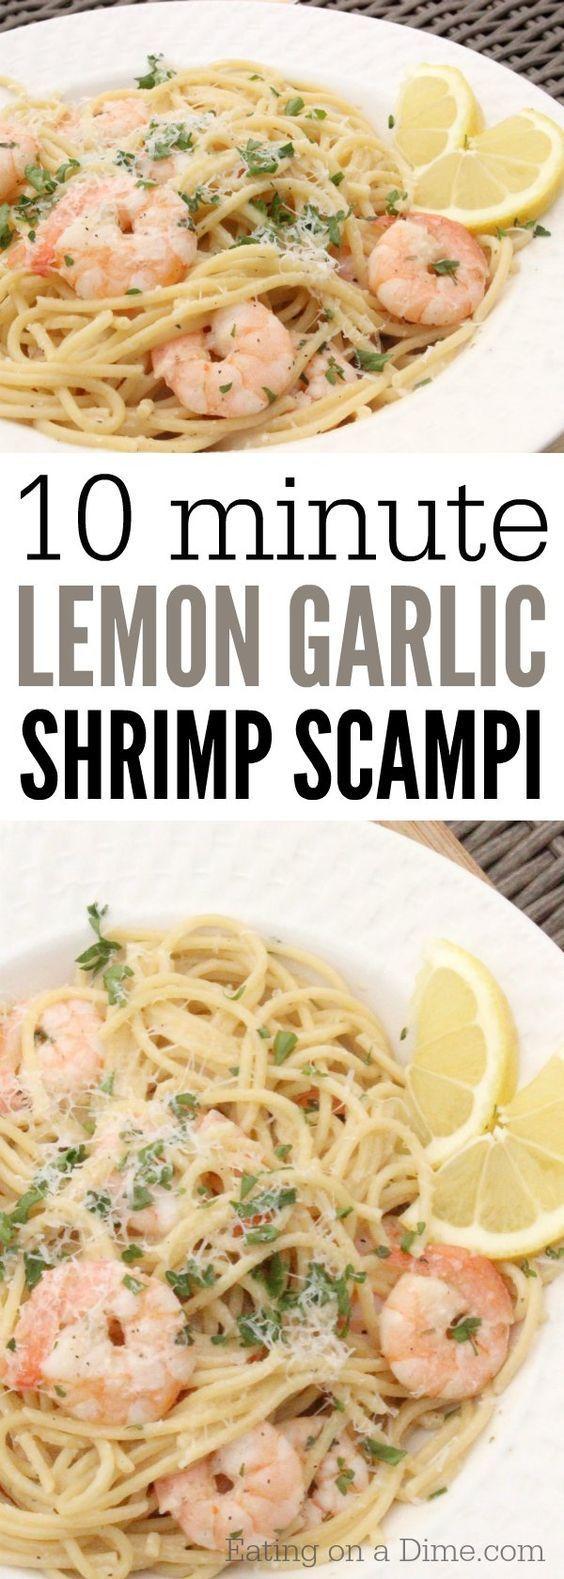 QUICK AND EASY LEMON GARLIC SHRIMP SCAMPI RECIPE - garlic, healthy recipes, lemon, shrimp